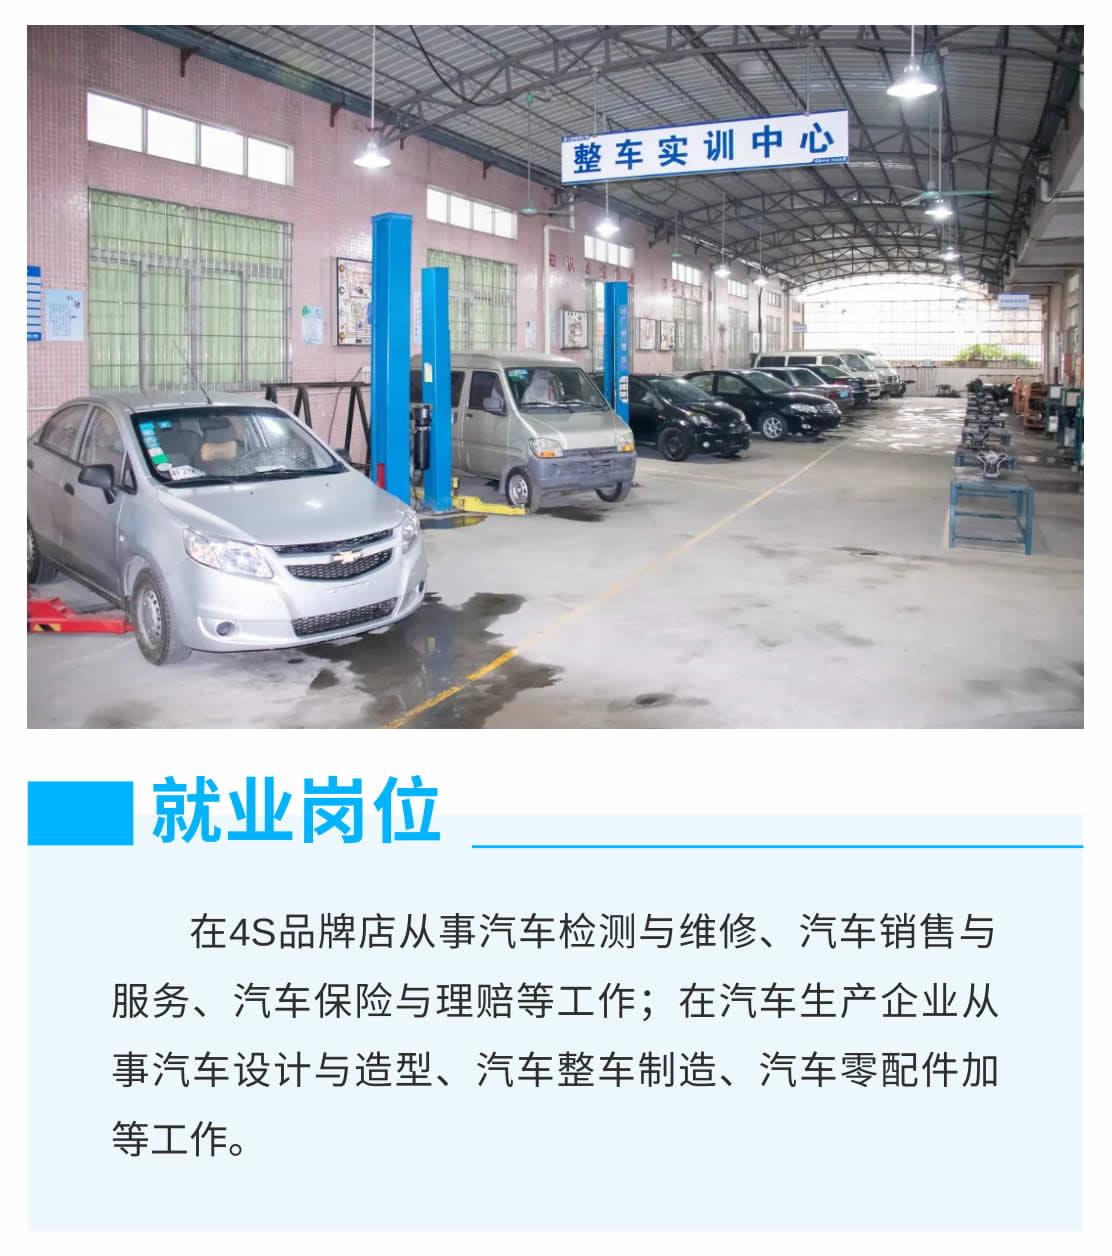 专业介绍 _ 汽车检测(高中起点三年制)-1_r3_c1.jpg